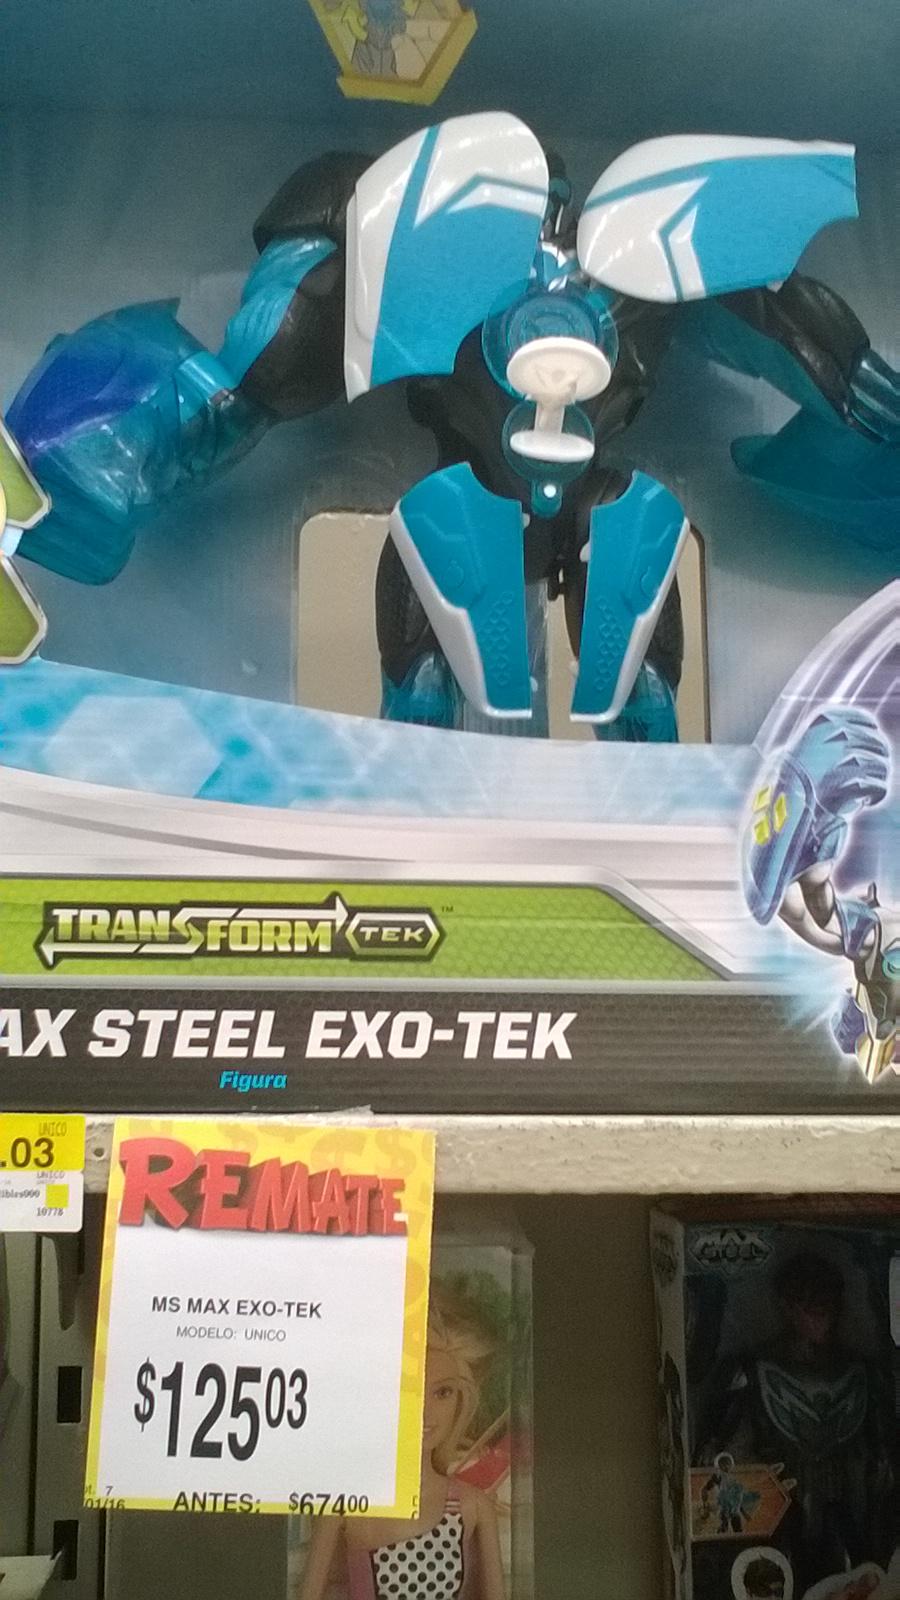 Bodega Aurrerá: Max Steel Exo Tec de $674 a $125.03 y figura básica mas accesorios a $35.03